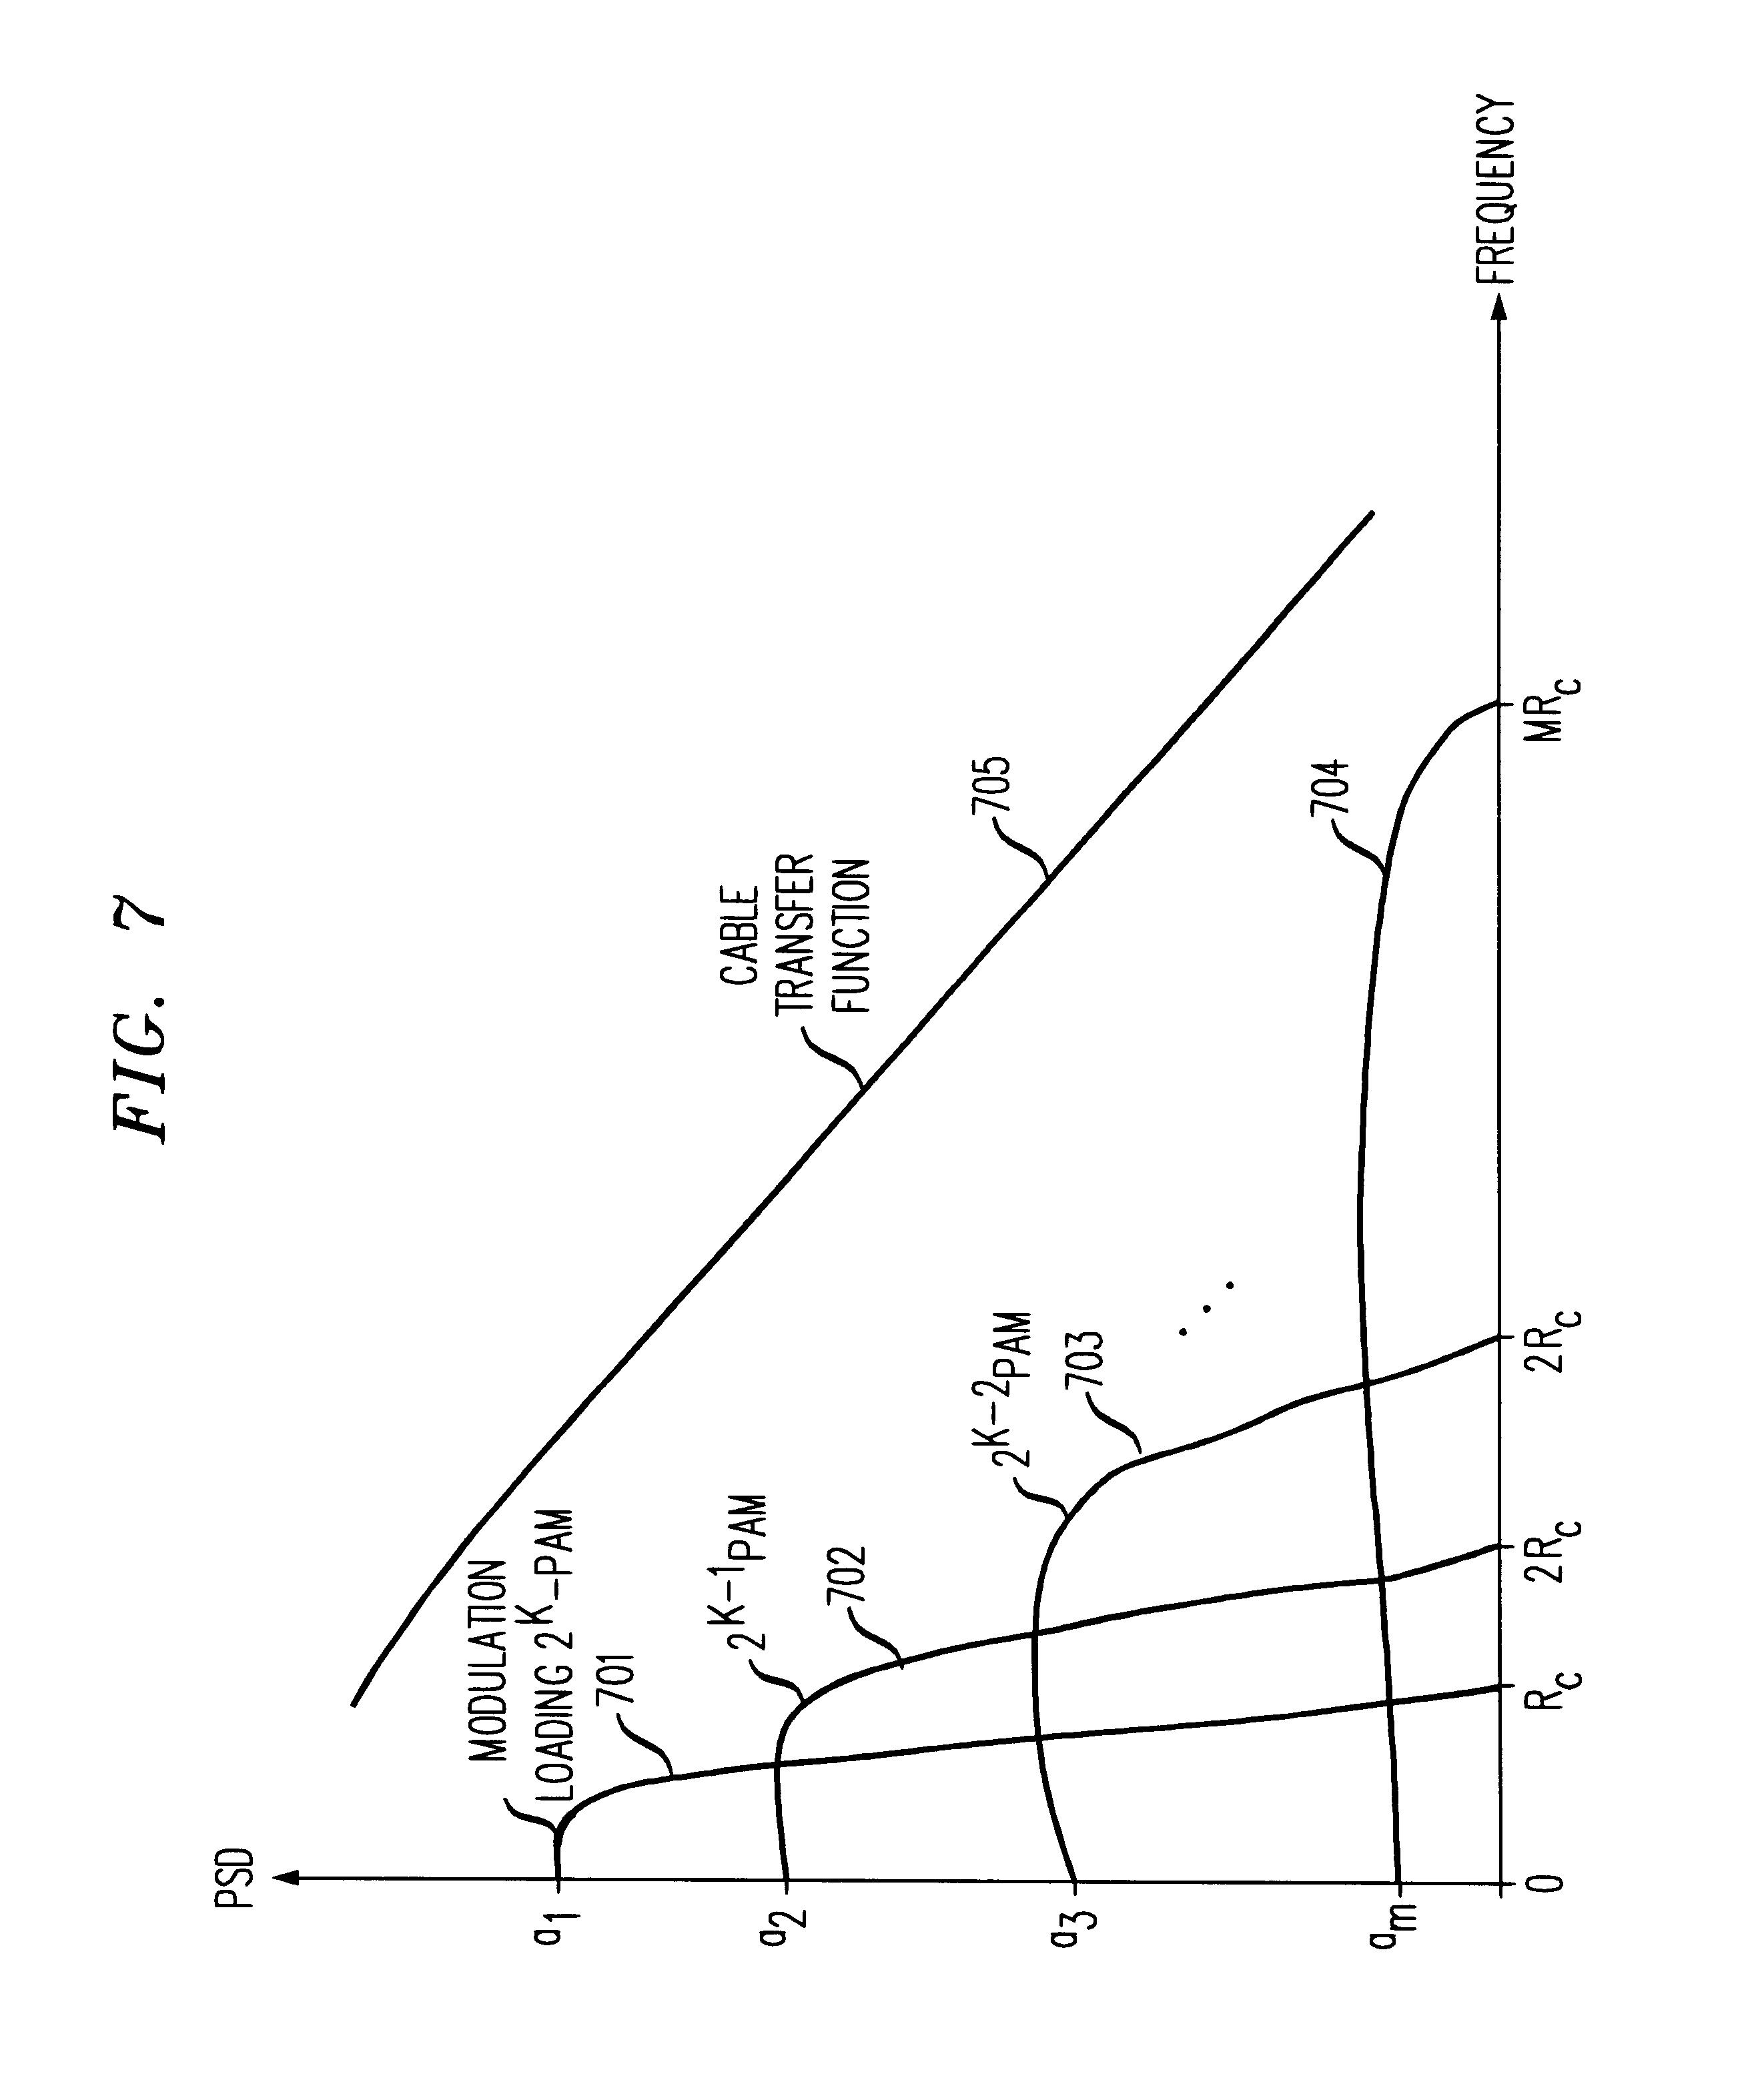 patent us6711121